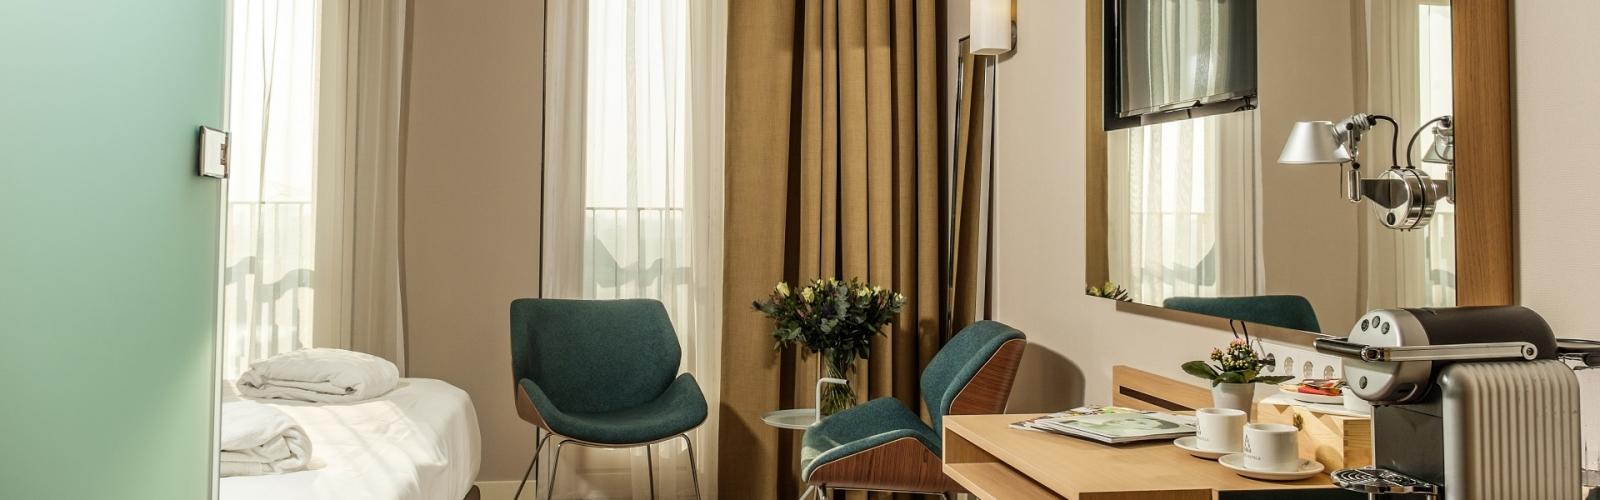 Kamers en suites